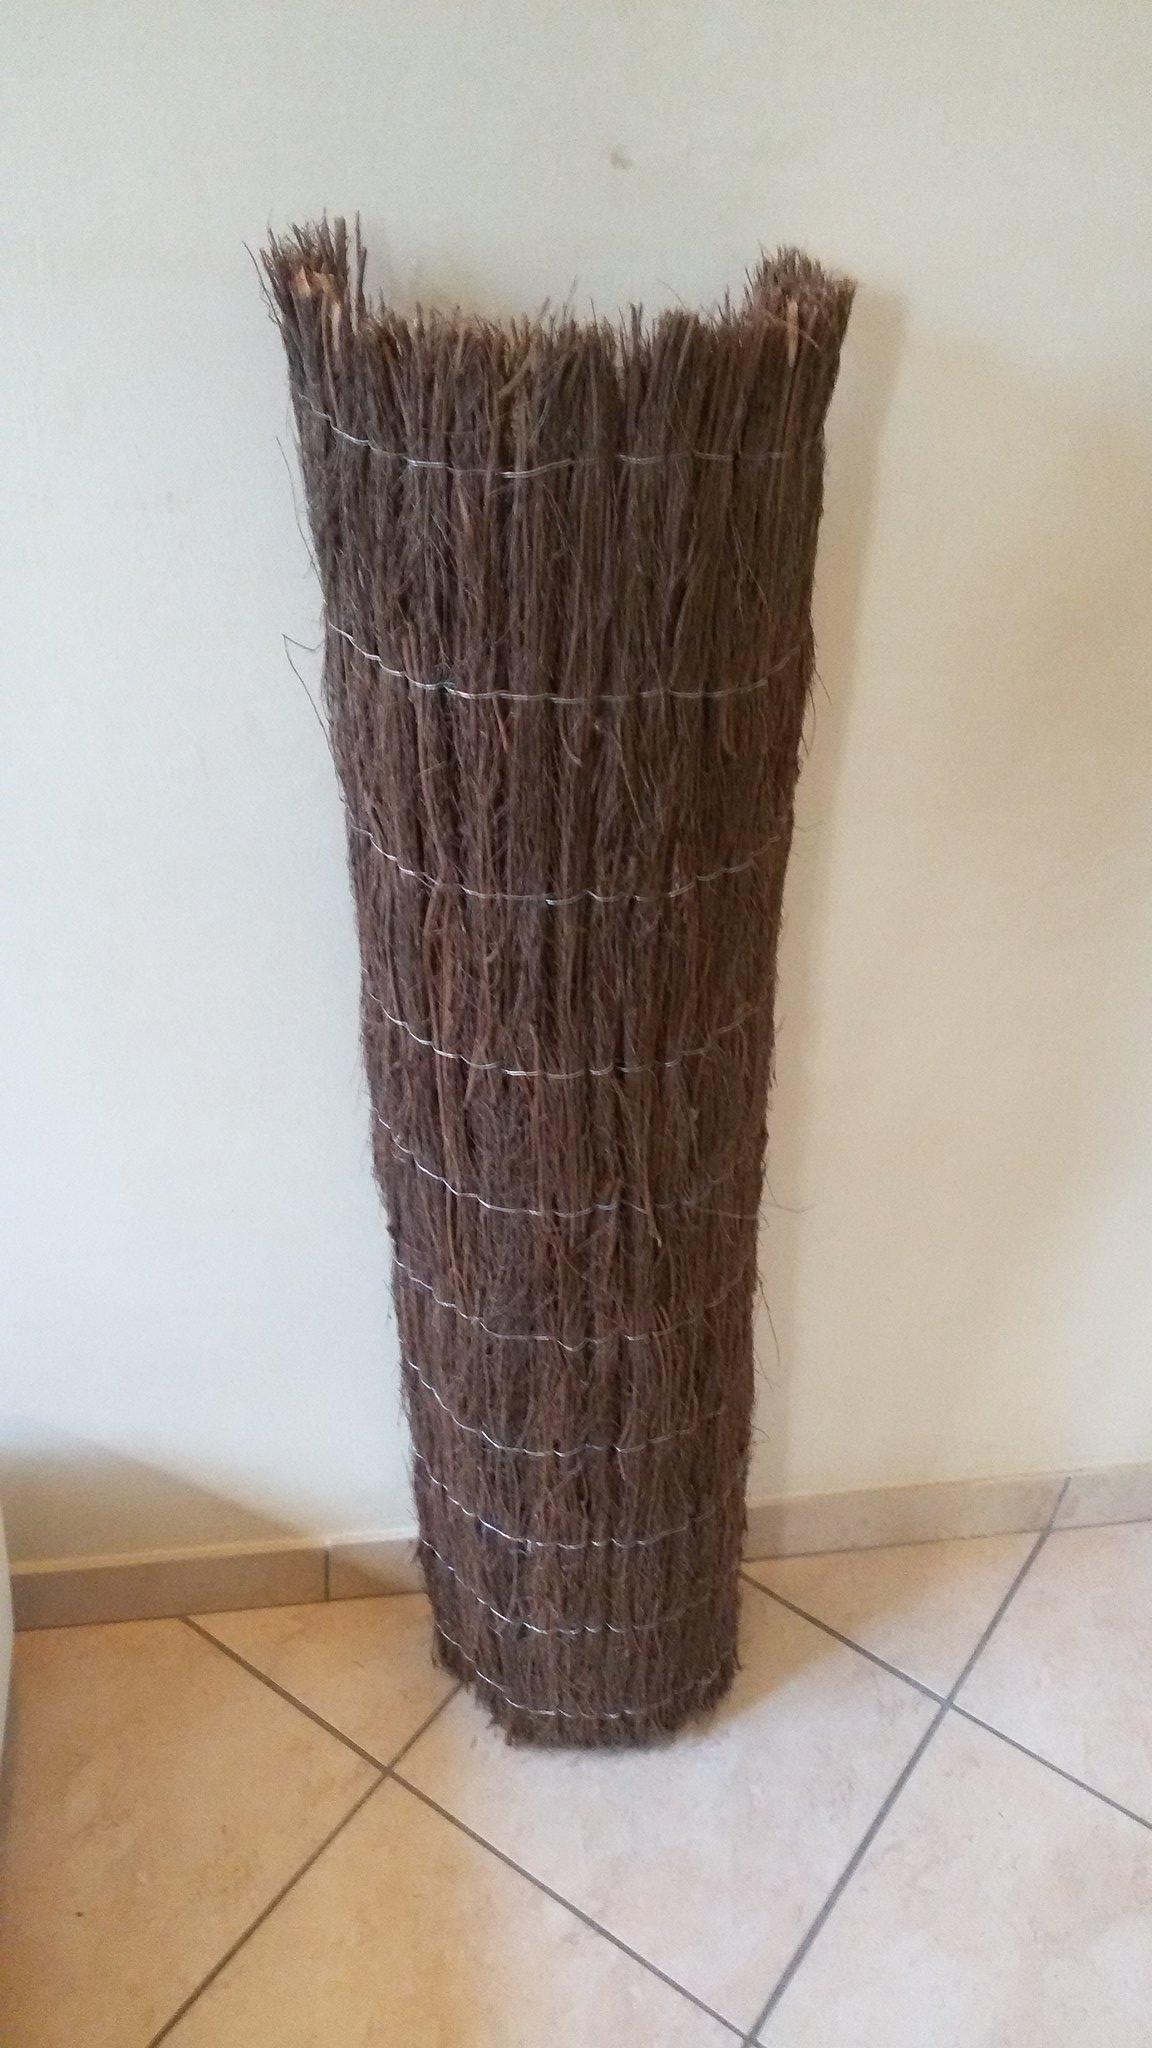 Bac à orchidées d'un mètre de long 22895079905_c9dfc0e856_k